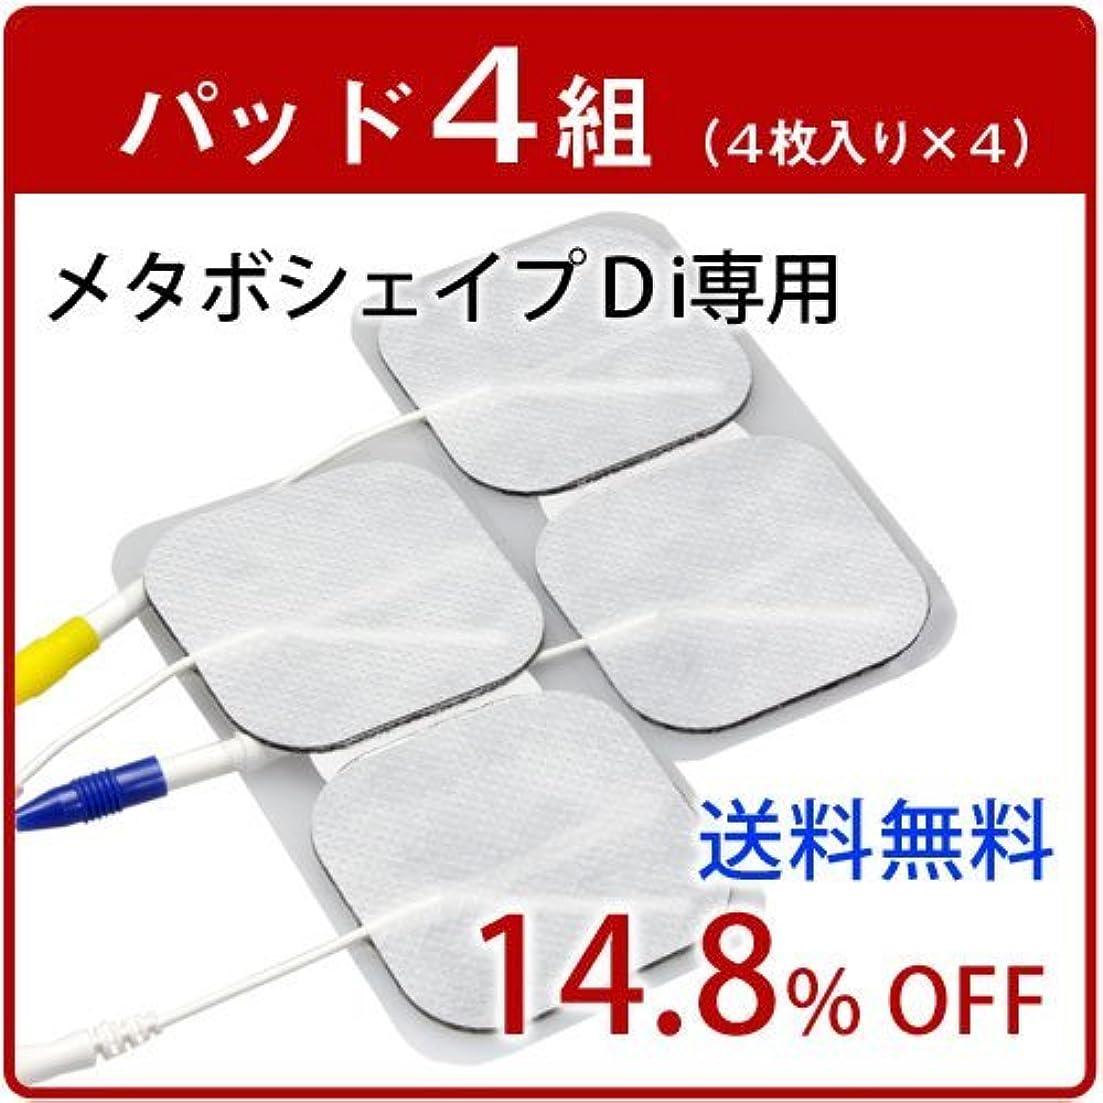 マーキー対象統計【正規品】メタボシェイプ Di 用粘着パッド4組(4枚入り×4)